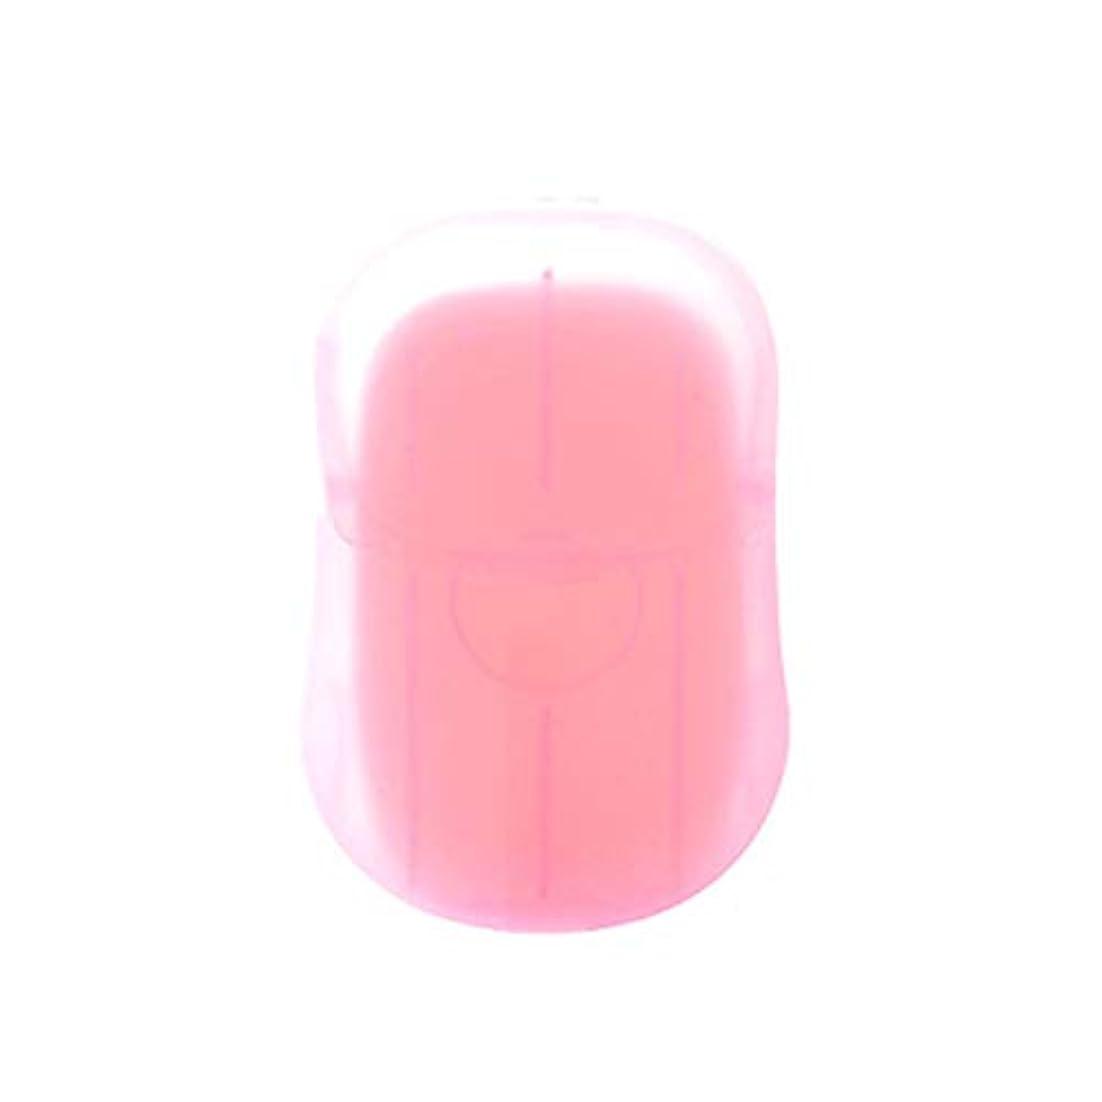 予測する識別有効化Galapara 紙石鹸 使い捨て石鹸ケース 20枚石鹸ペーパー香料入り 旅行用品